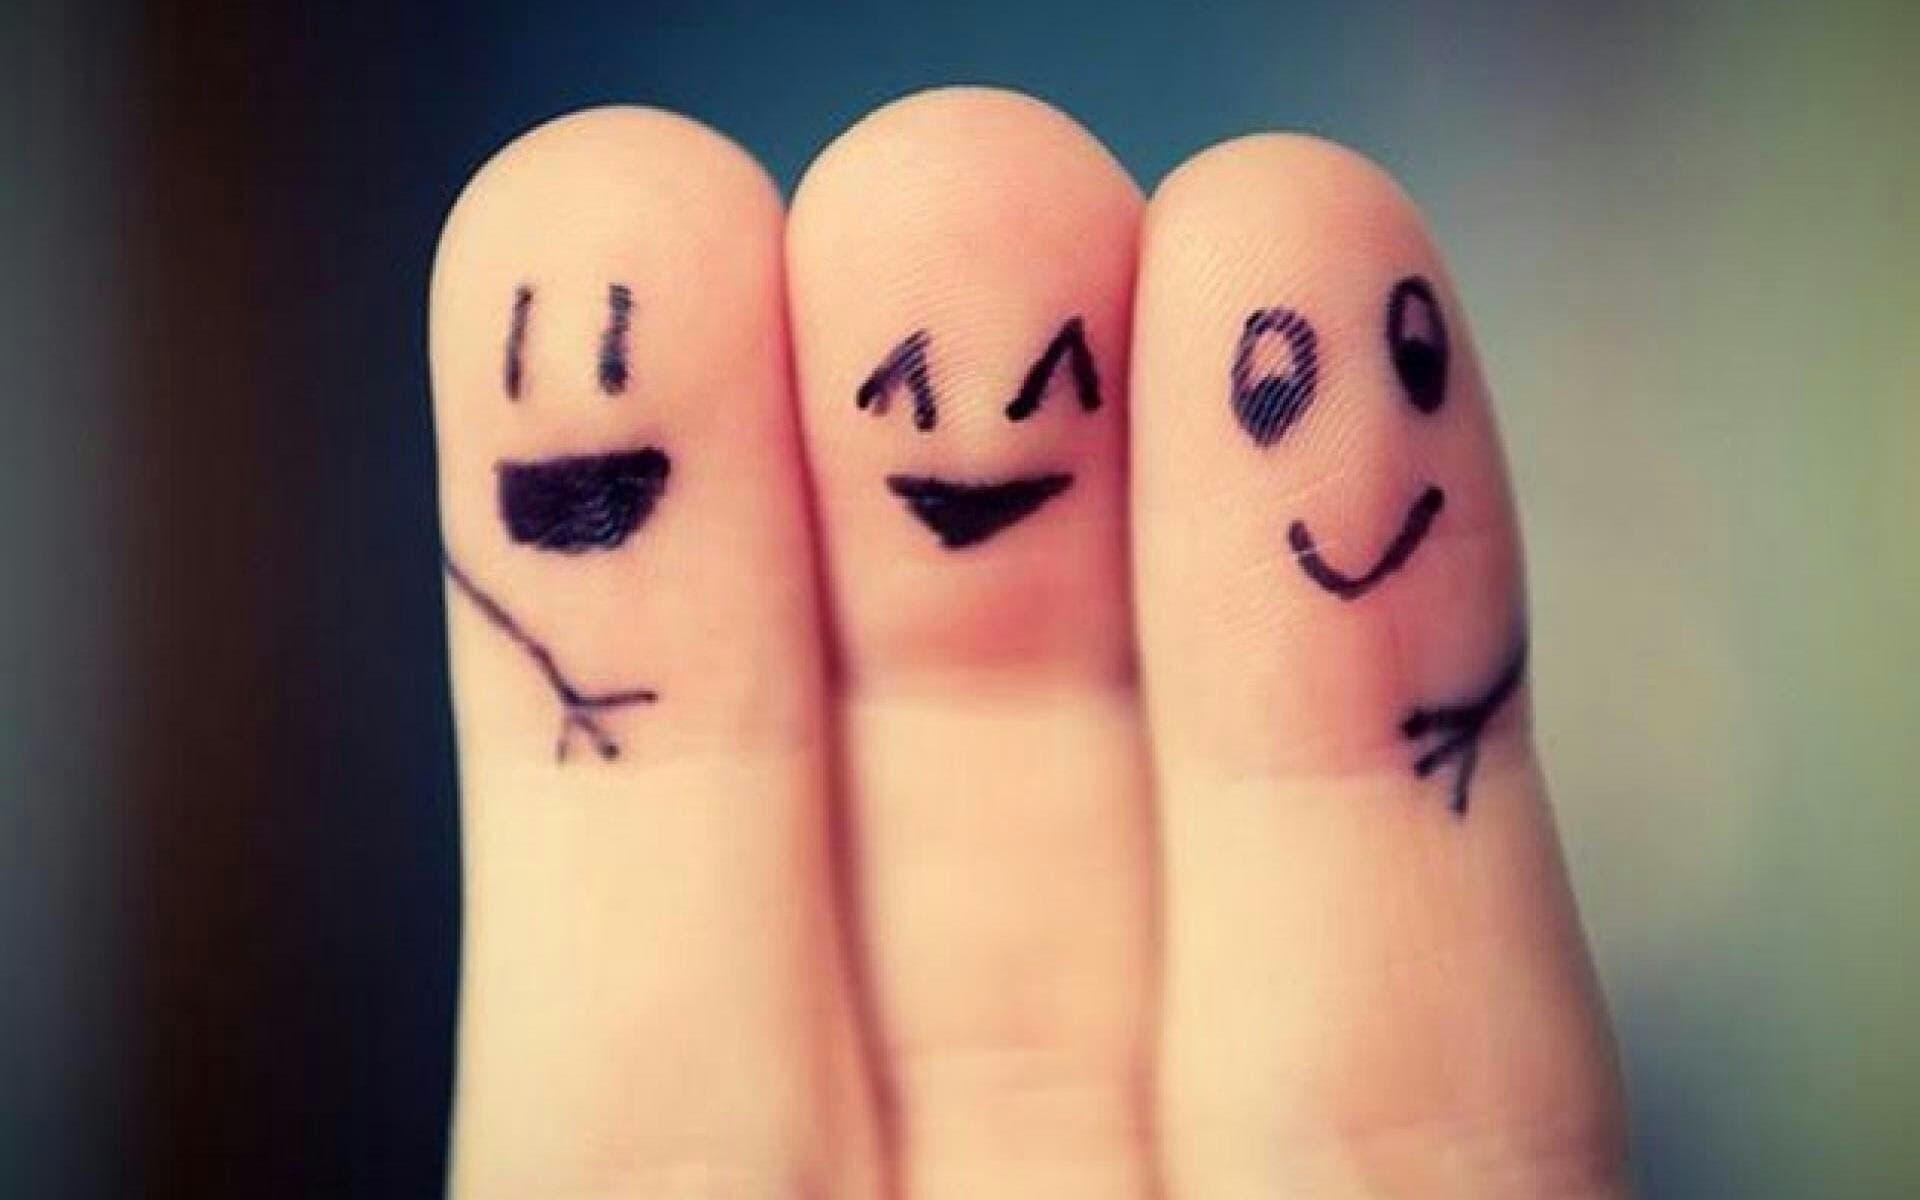 Giornata Mondiale dell'Amicizia, un sentimento irrinunciabile ma complesso: l'analisi della psicologa